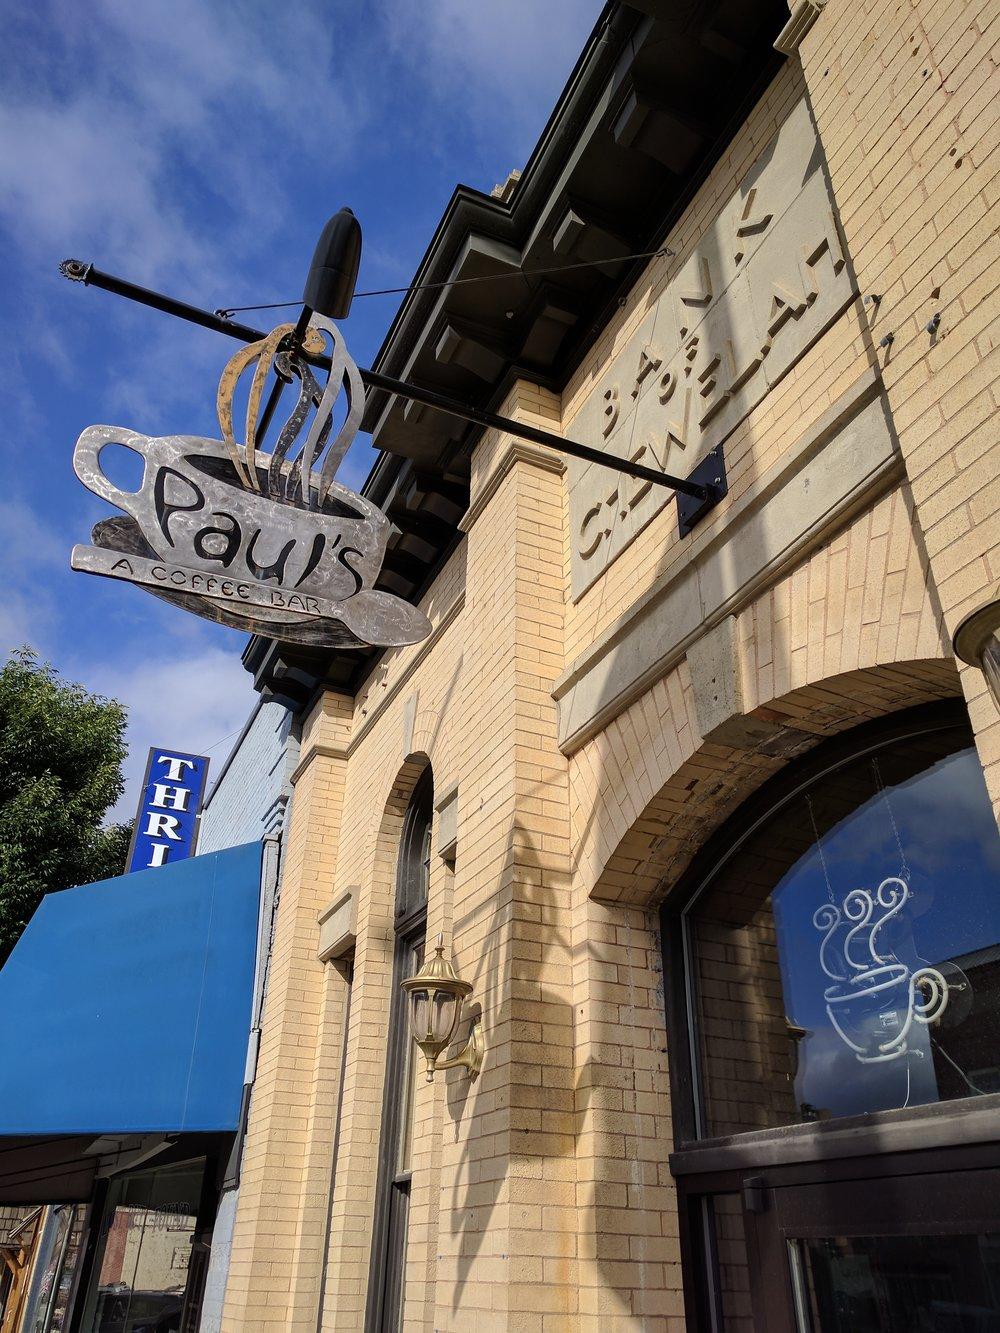 3. Paul's: A Coffee Bar -